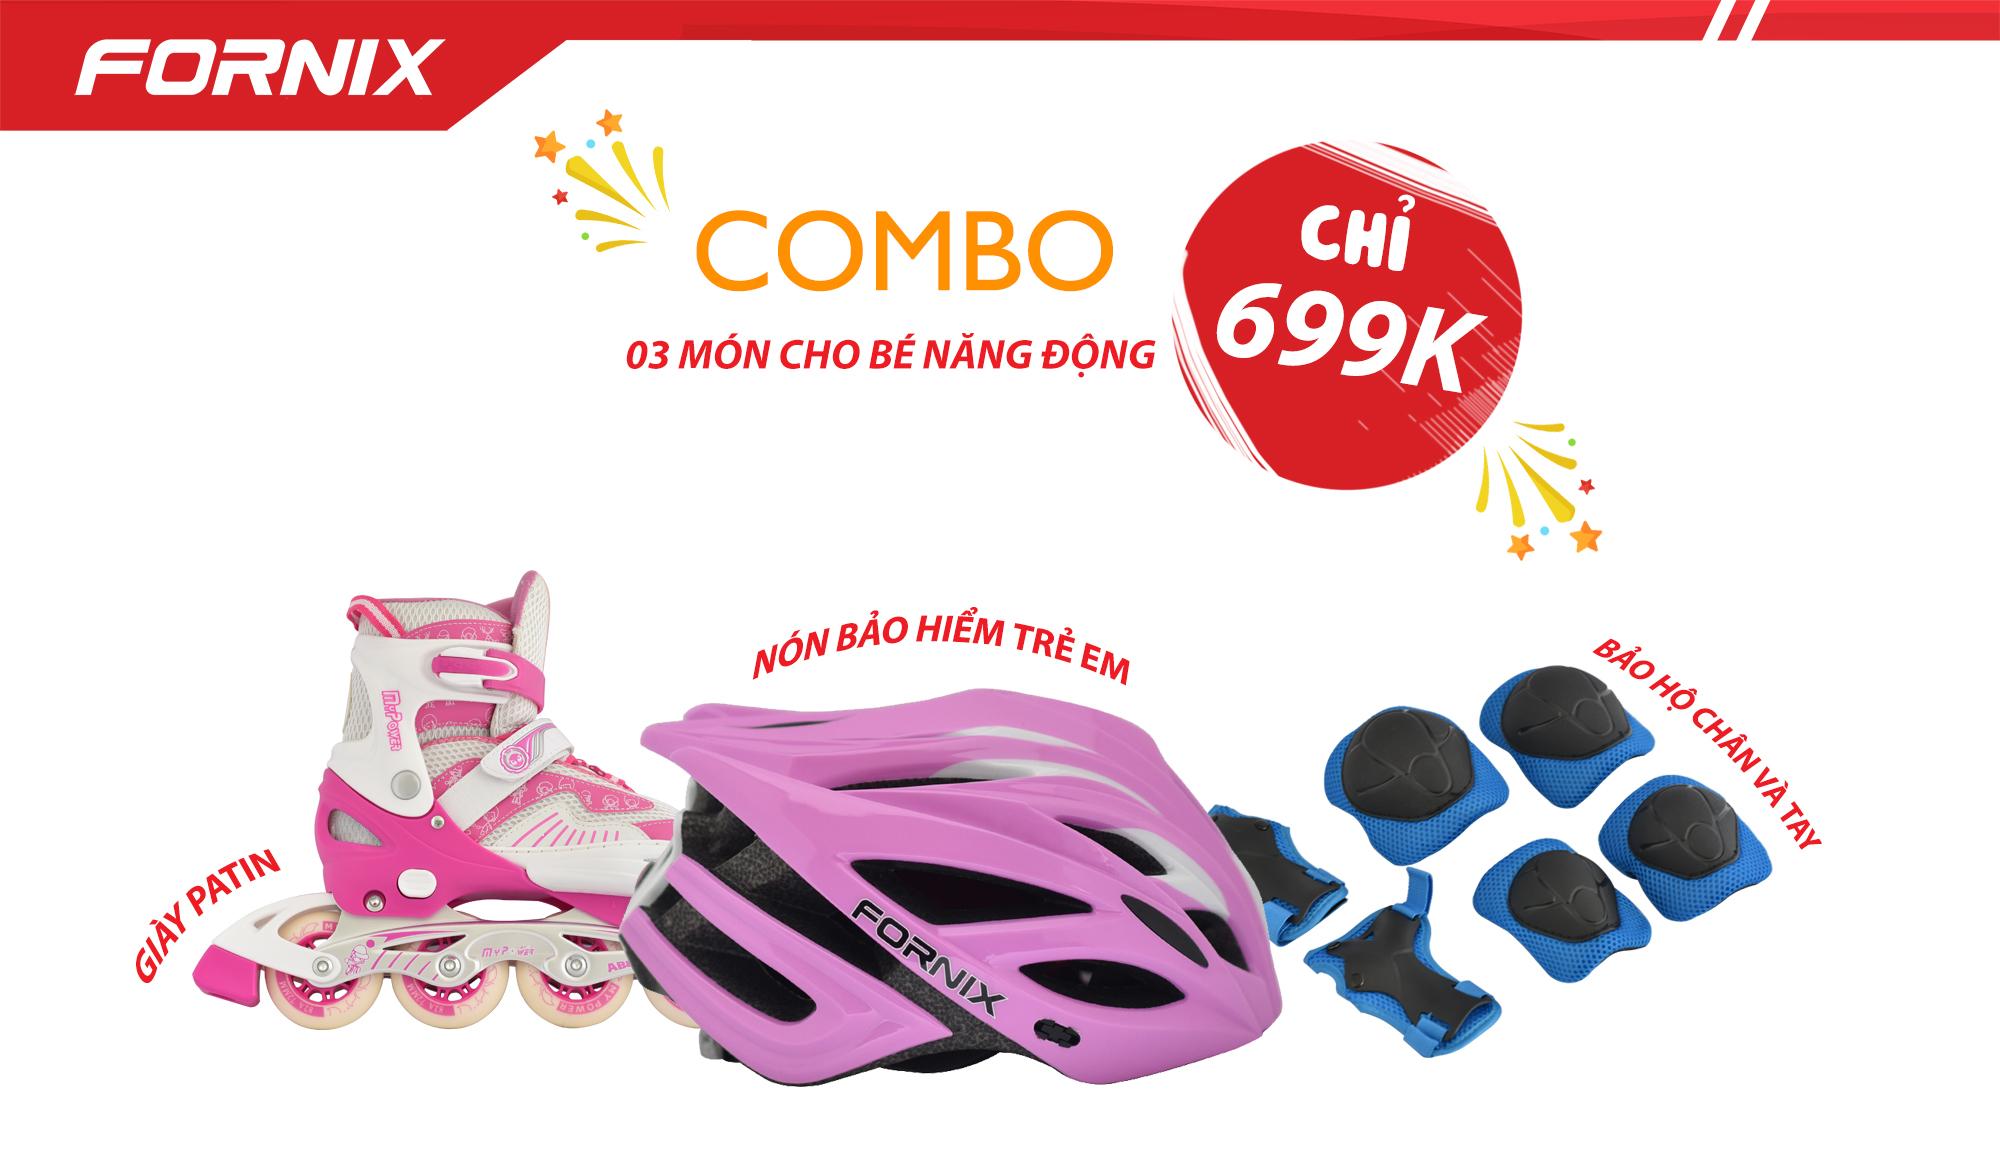 Giá bán COMBO THỂ THAO TRẺ EM - Nón bảo hiểm A02NX1 + Giày Patin + Đồ bảo hộ